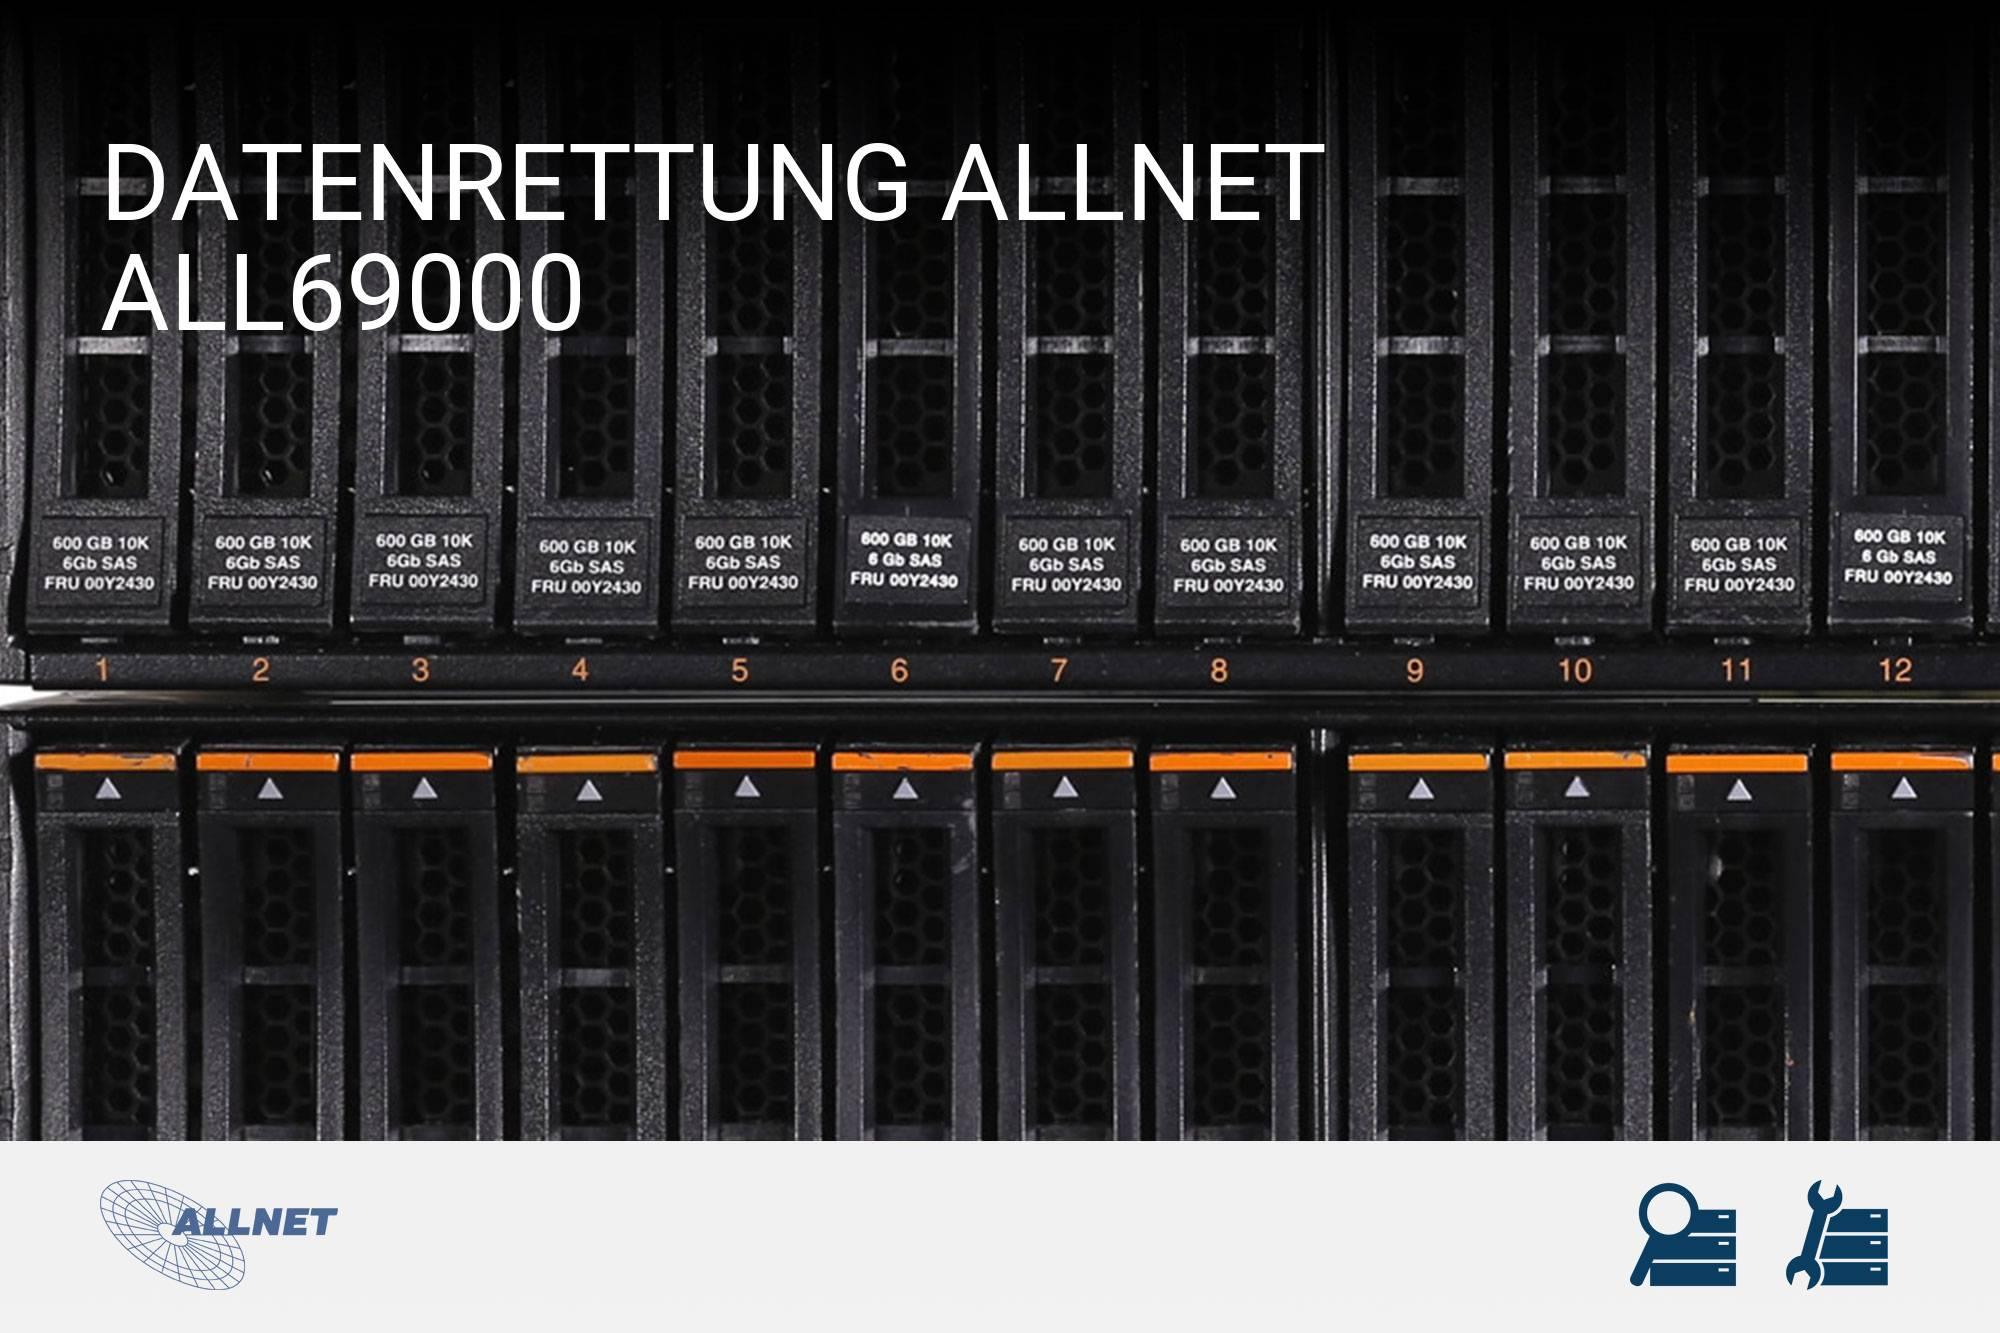 Allnet ALL69000